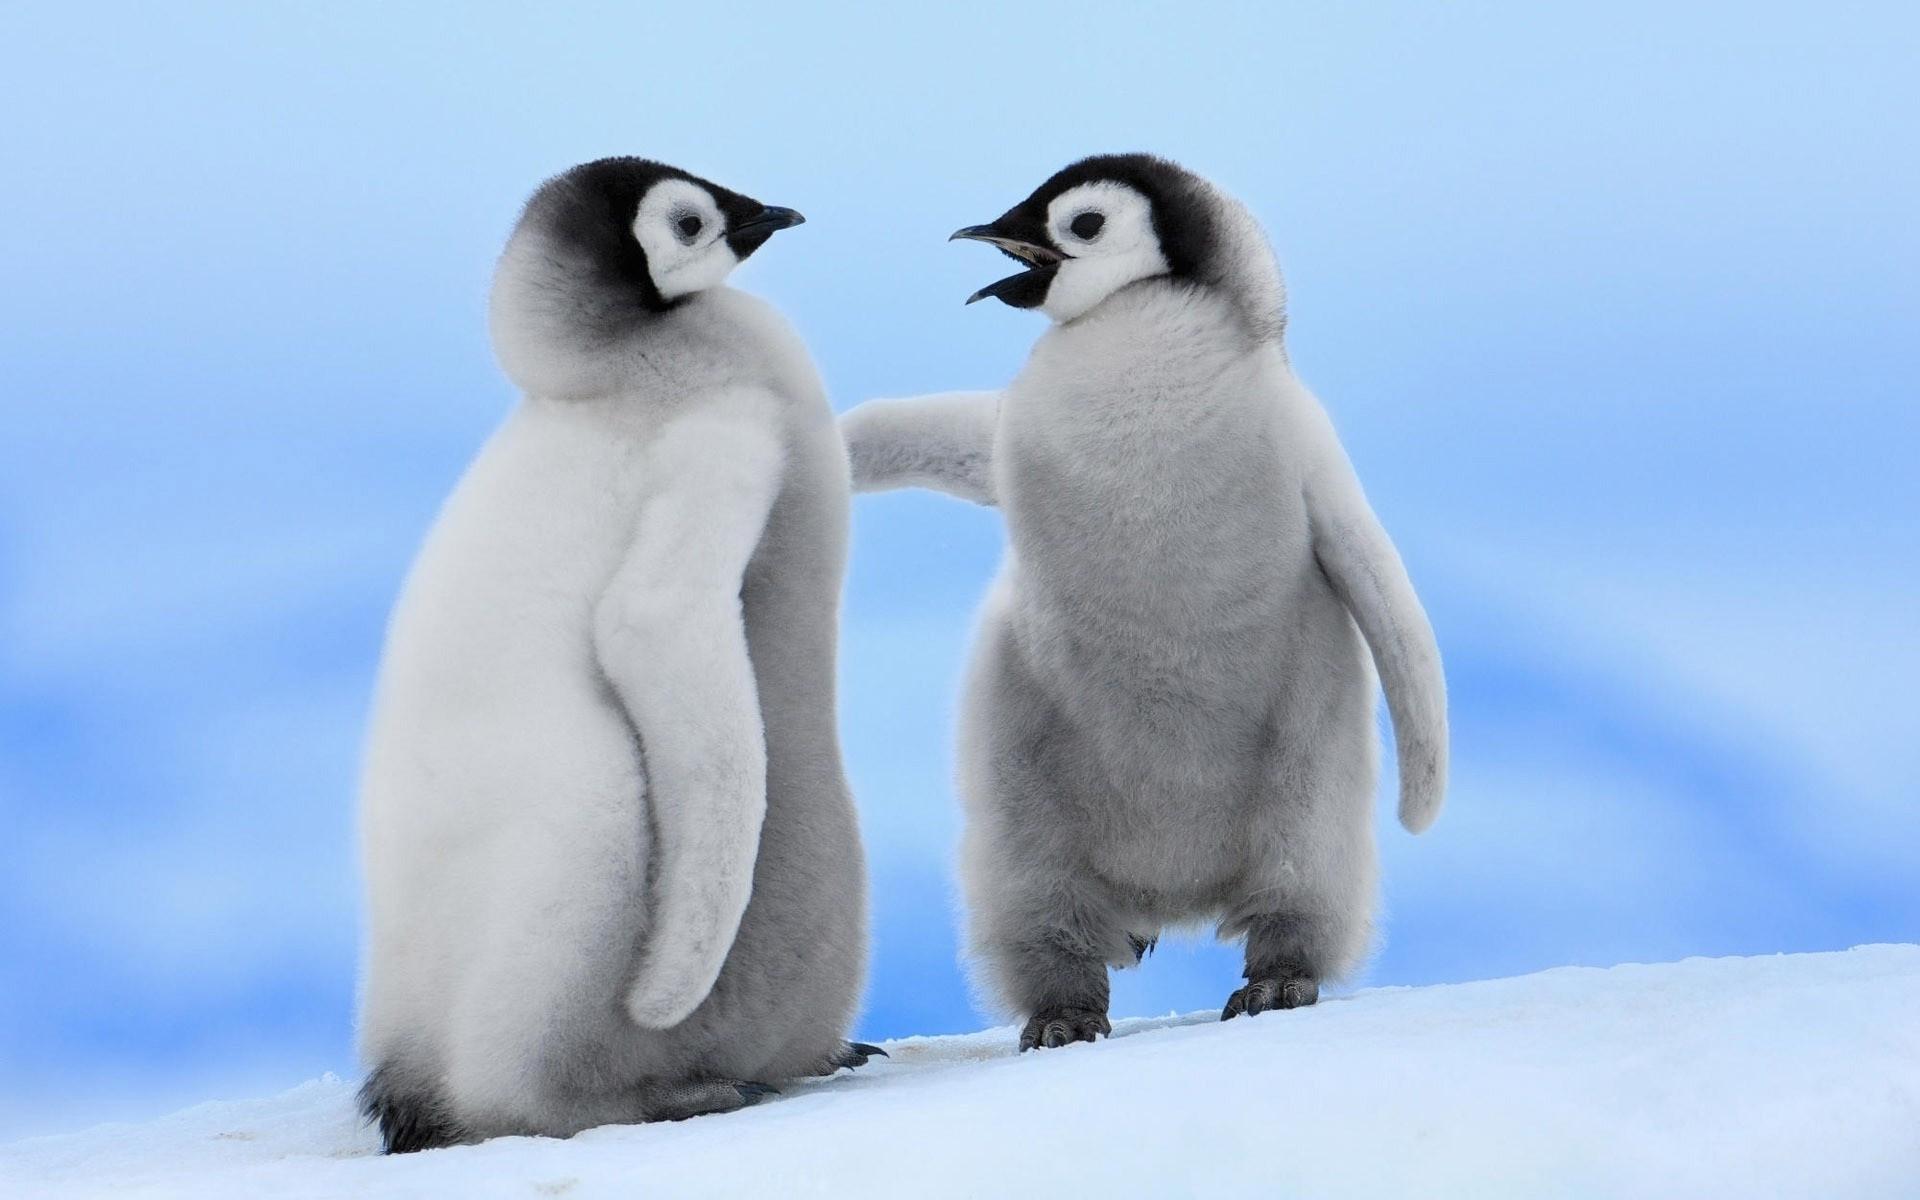 wallpaper birds penguins baby animals penguin beak wing